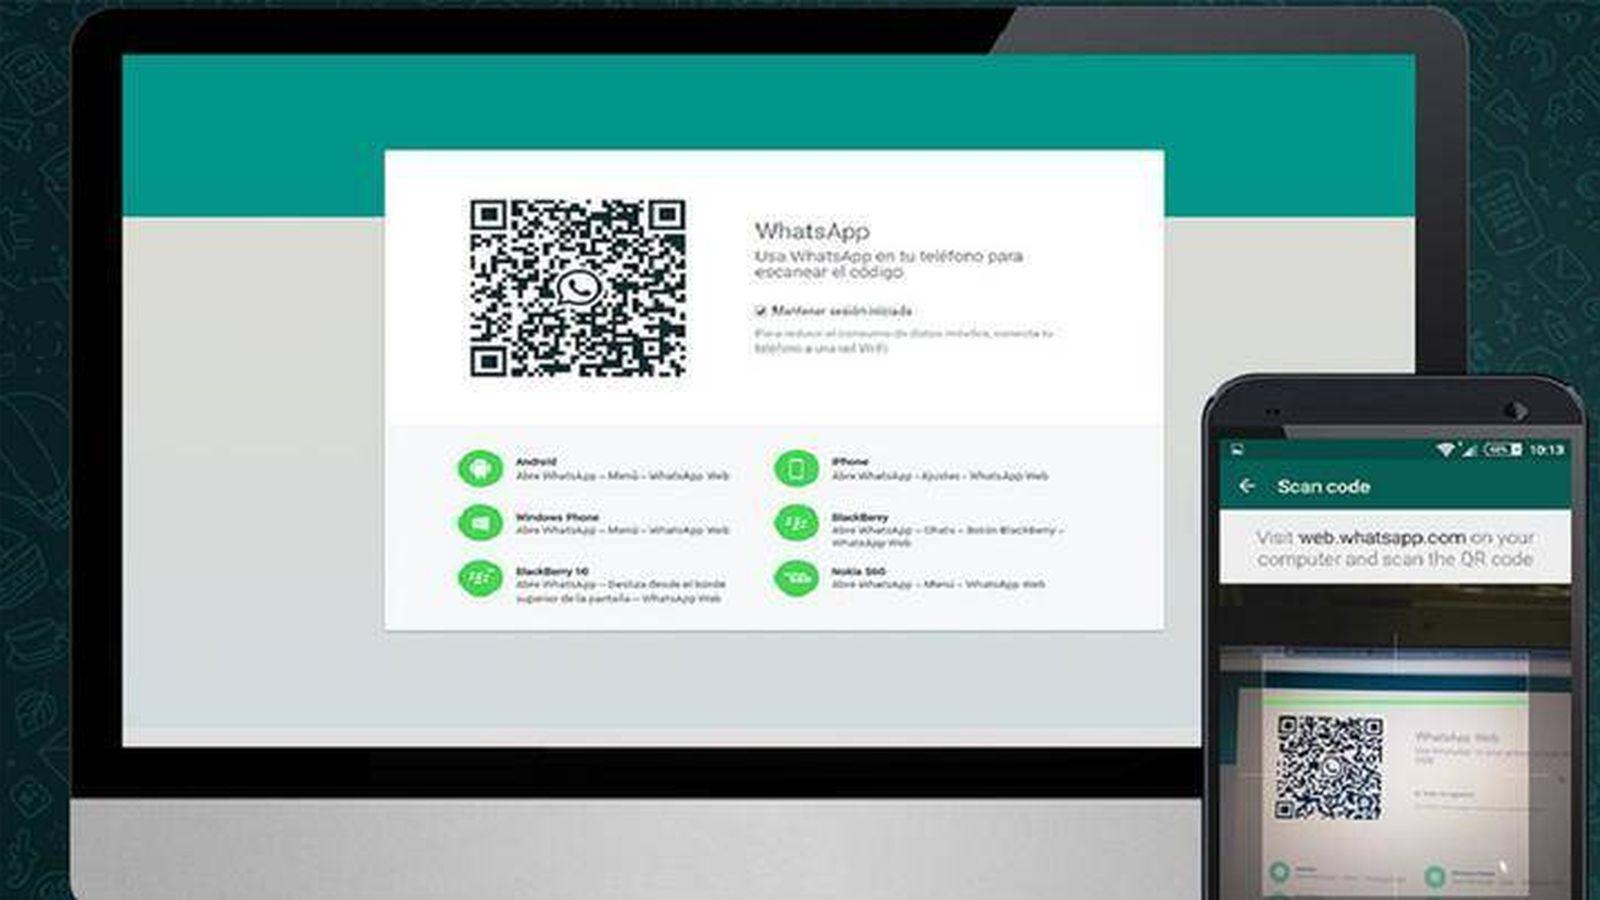 WhatsApp: Cinco funciones escondidas de WhatsApp Web que te harán usarlo  para siempre